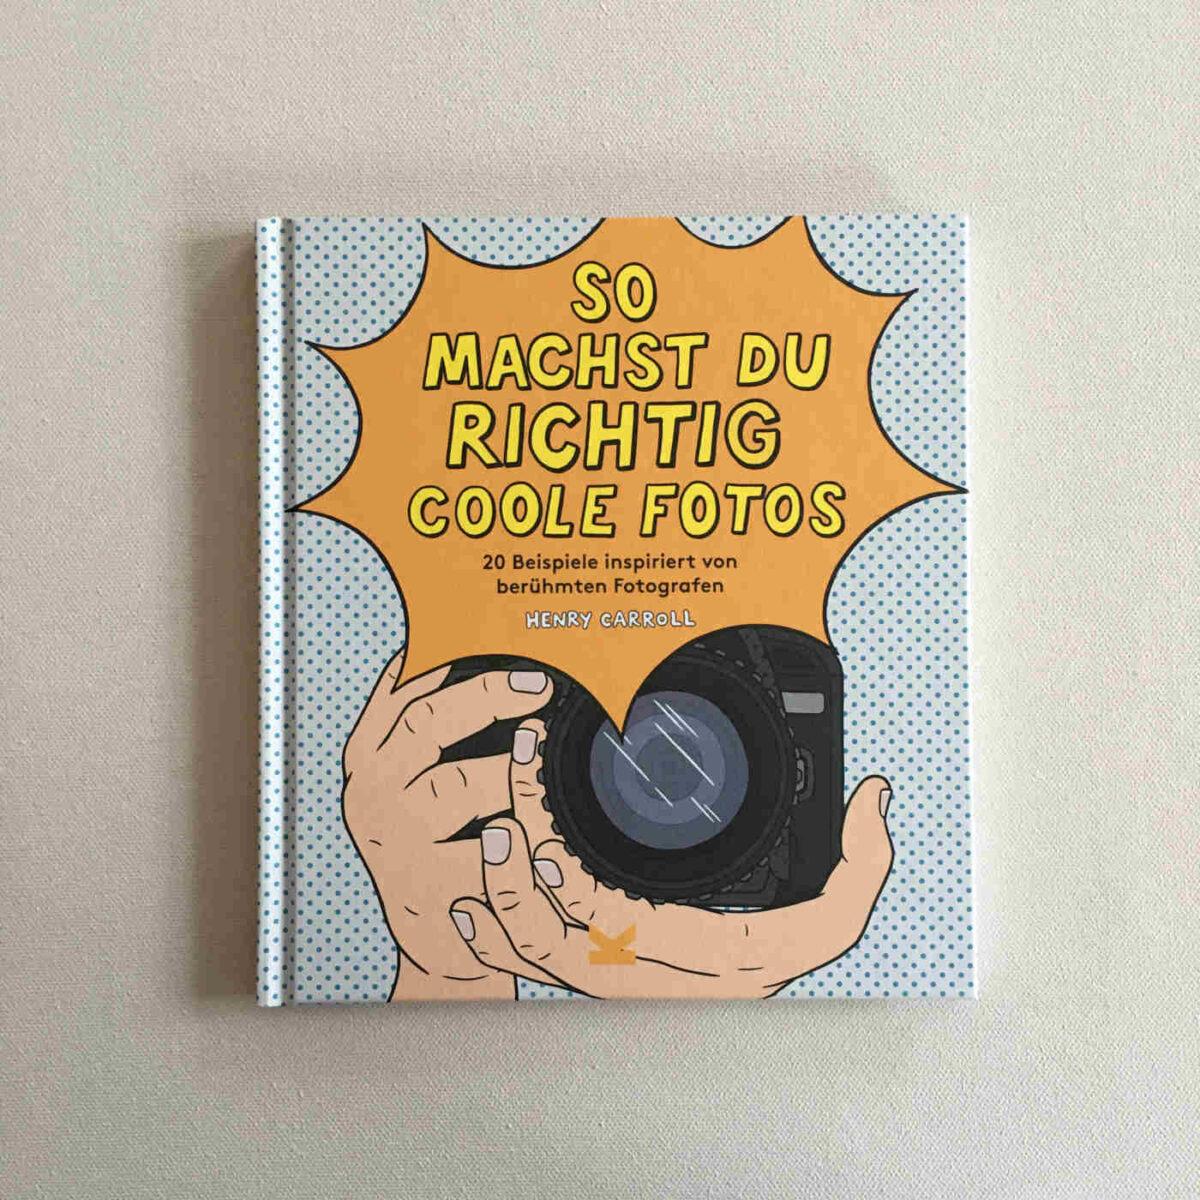 Henry Carroll So machst du richtig coole Fotos Geschenktipp Brigitte Wallingers Kinder- und Jugendbuchblog Buchtipps für Kinder und Jugendliche Kids und Teens Buchempfehlung musst du lesen Geschenk Kind 8 Jahre 9 Jahre 10 Jahre Jugendliche 11 Jahre 12 Jahre